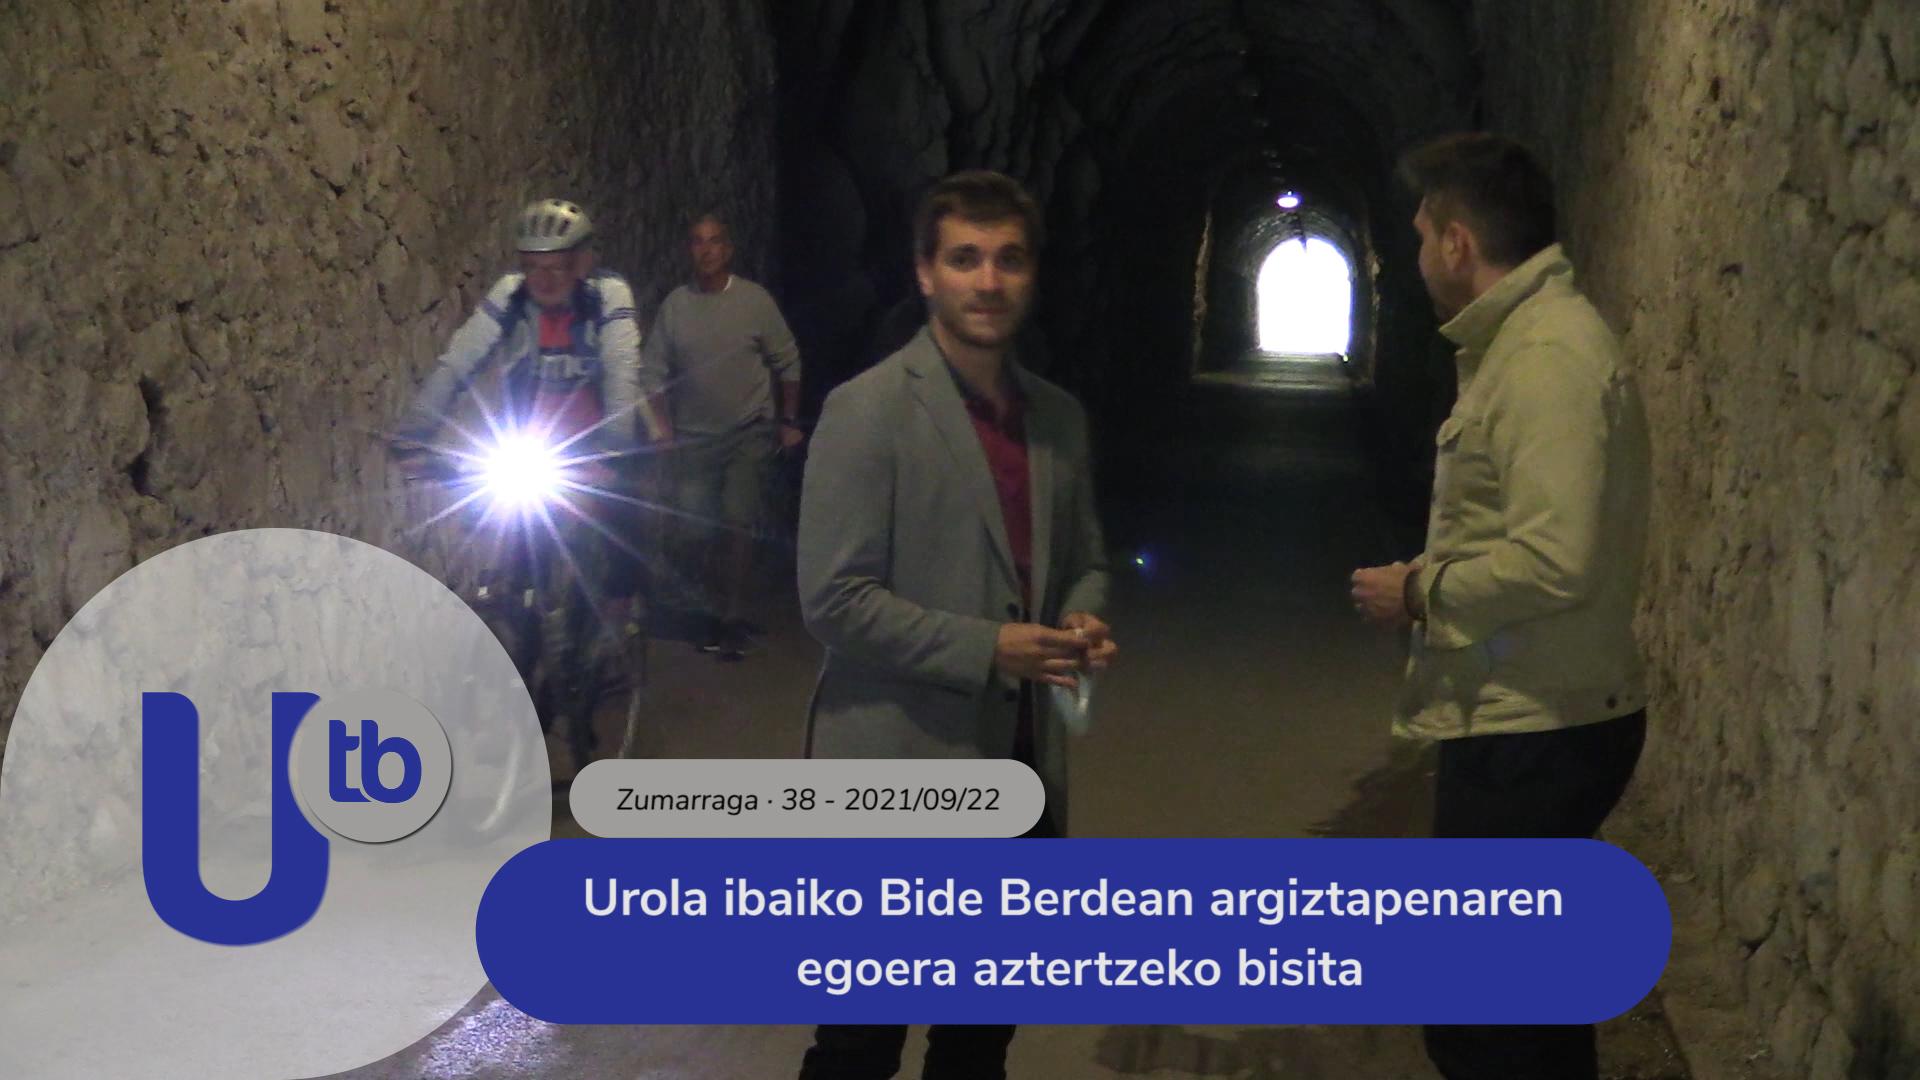 Urola ibaiko Bide Berdean argiztapenaren egoera aztertzeko bisita / Visita para observar la situación de la iluminación en la Vía Verde del Río Urola